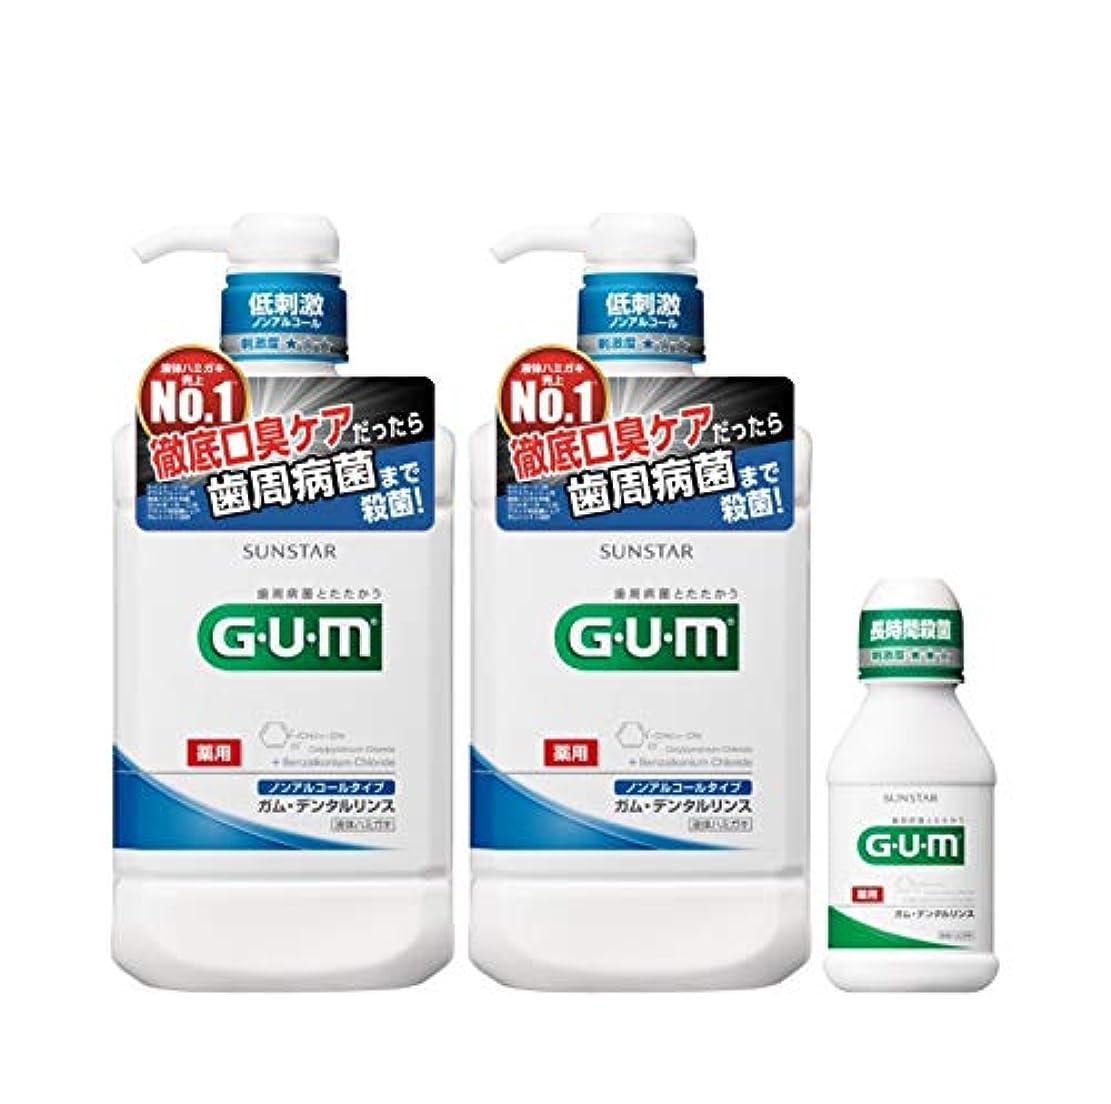 ブラスト定義温度(医薬部外品) GUM(ガム) デンタルリンス ノンアルコールタイプ 薬用液体ハミガキ 960mL 2個パック+おまけ付き【Amazon.co.jp限定】